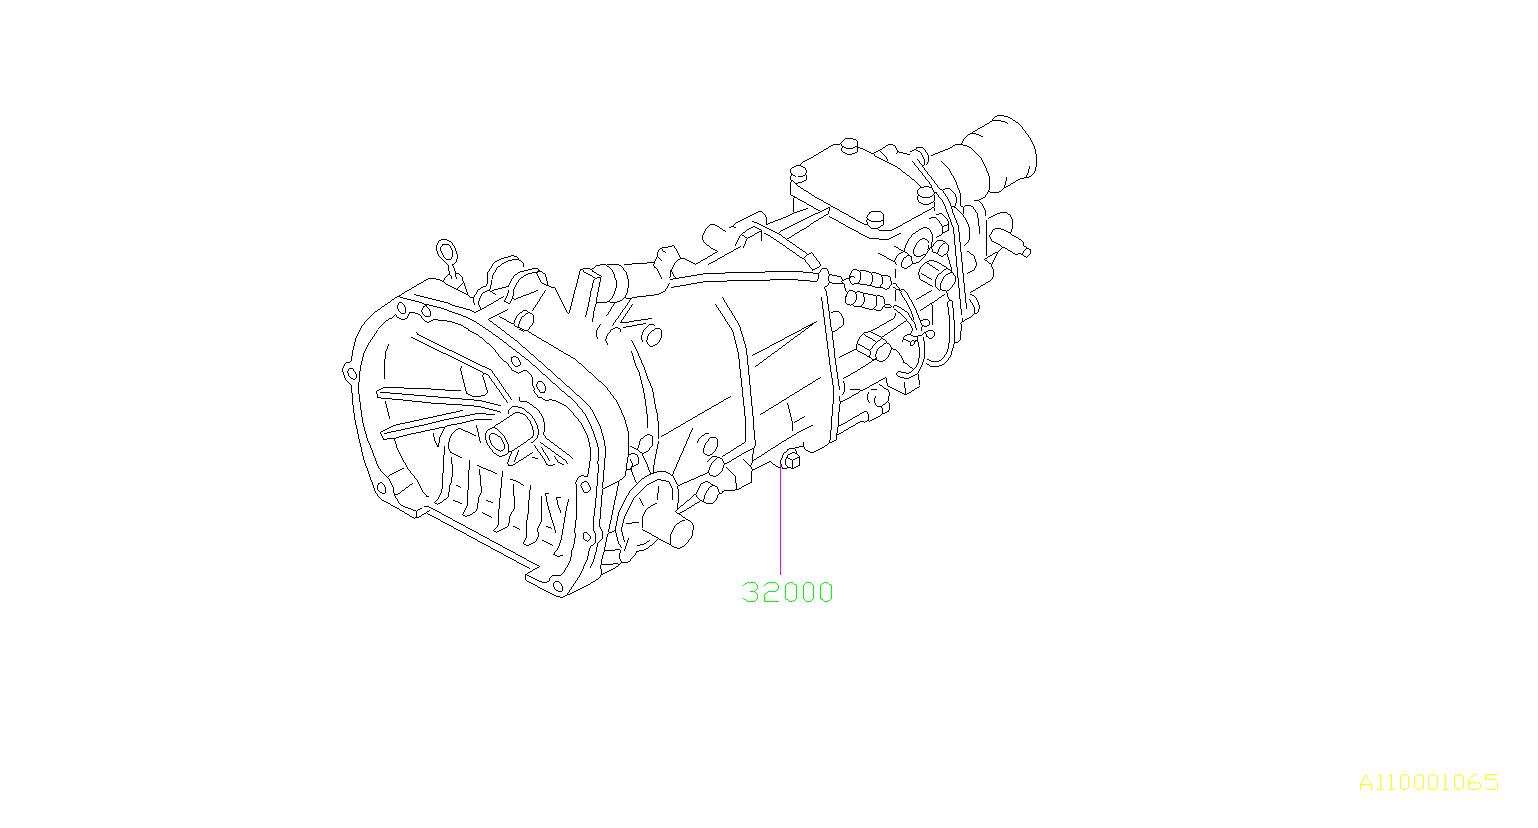 32000aj170 - Manual Transmission Assembly